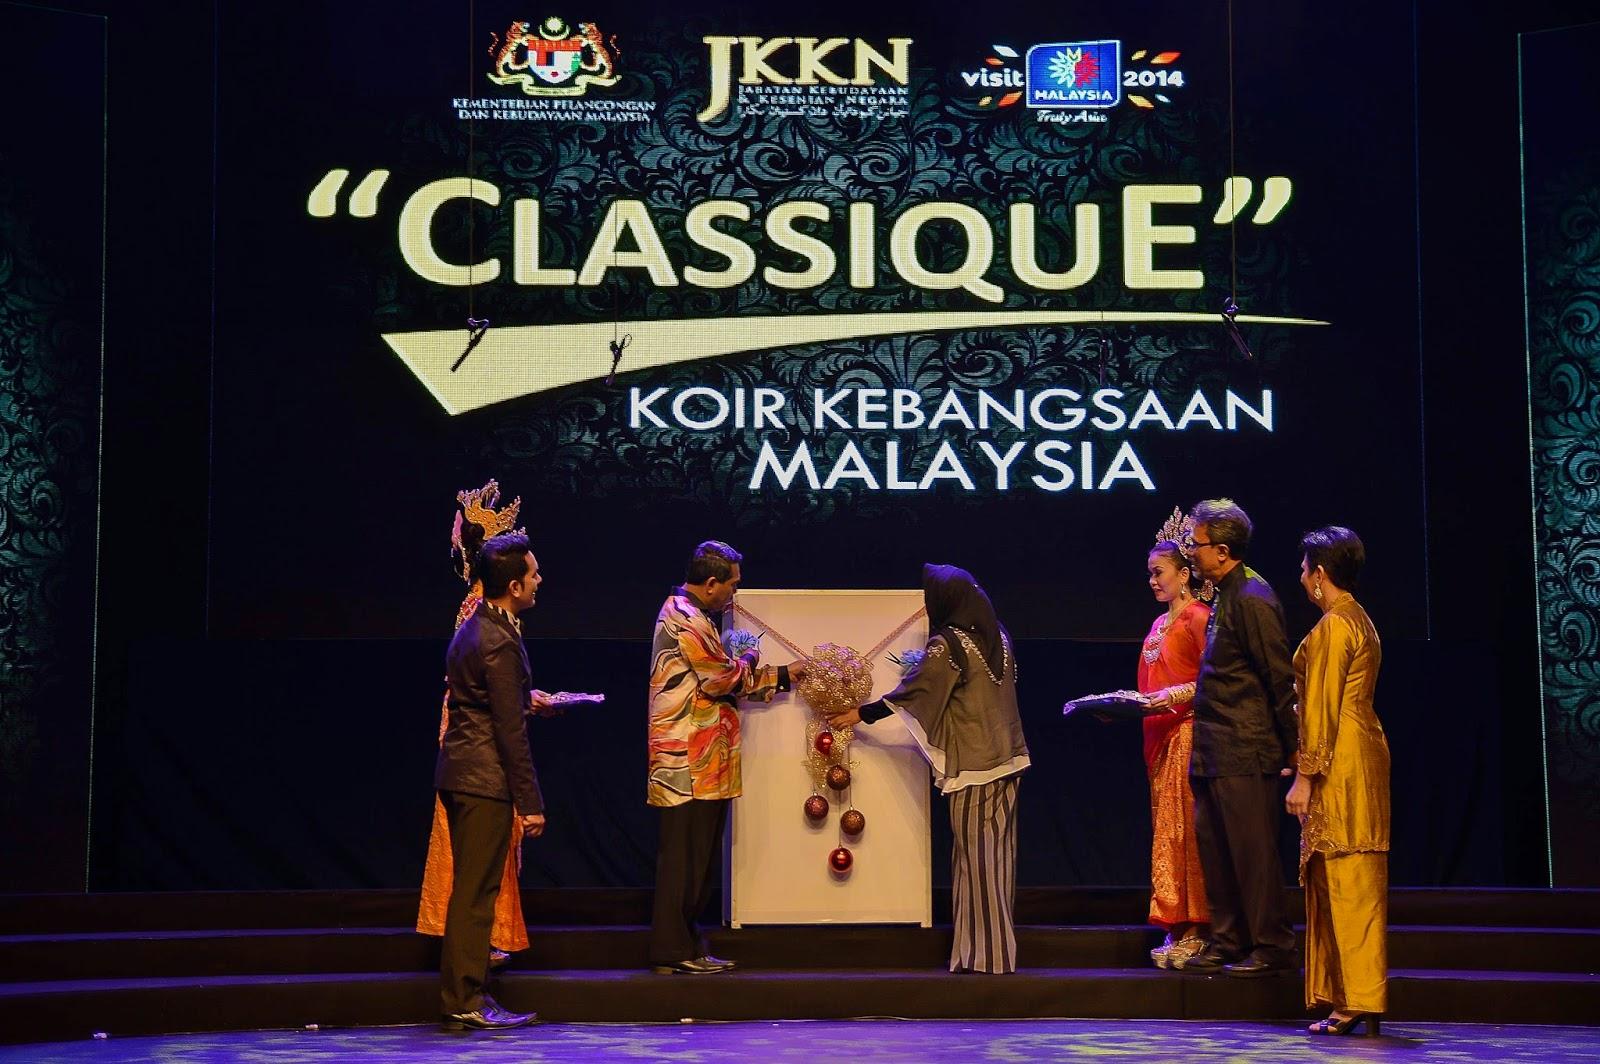 Koir Kebangsaan Malaysia Fauzi Aryaan